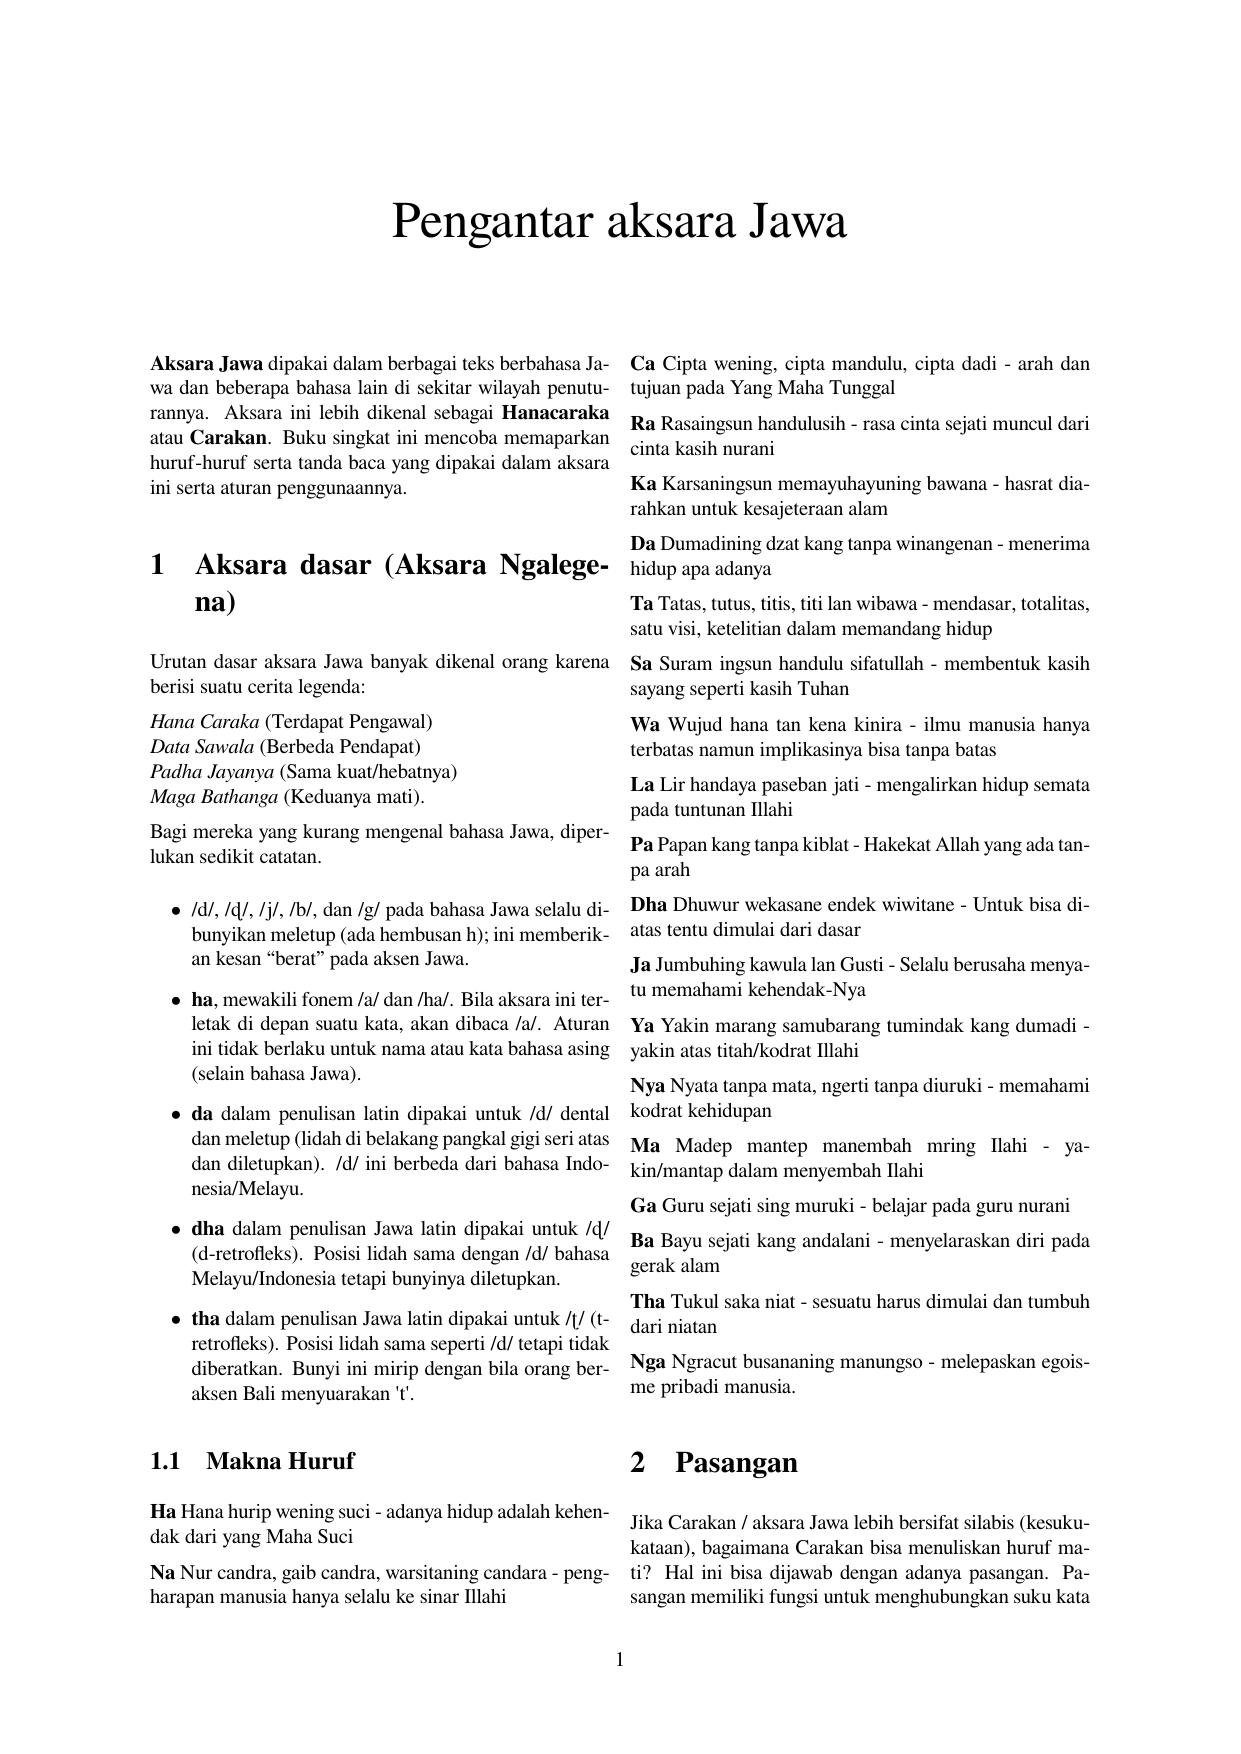 Pengantar Aksara Jawa